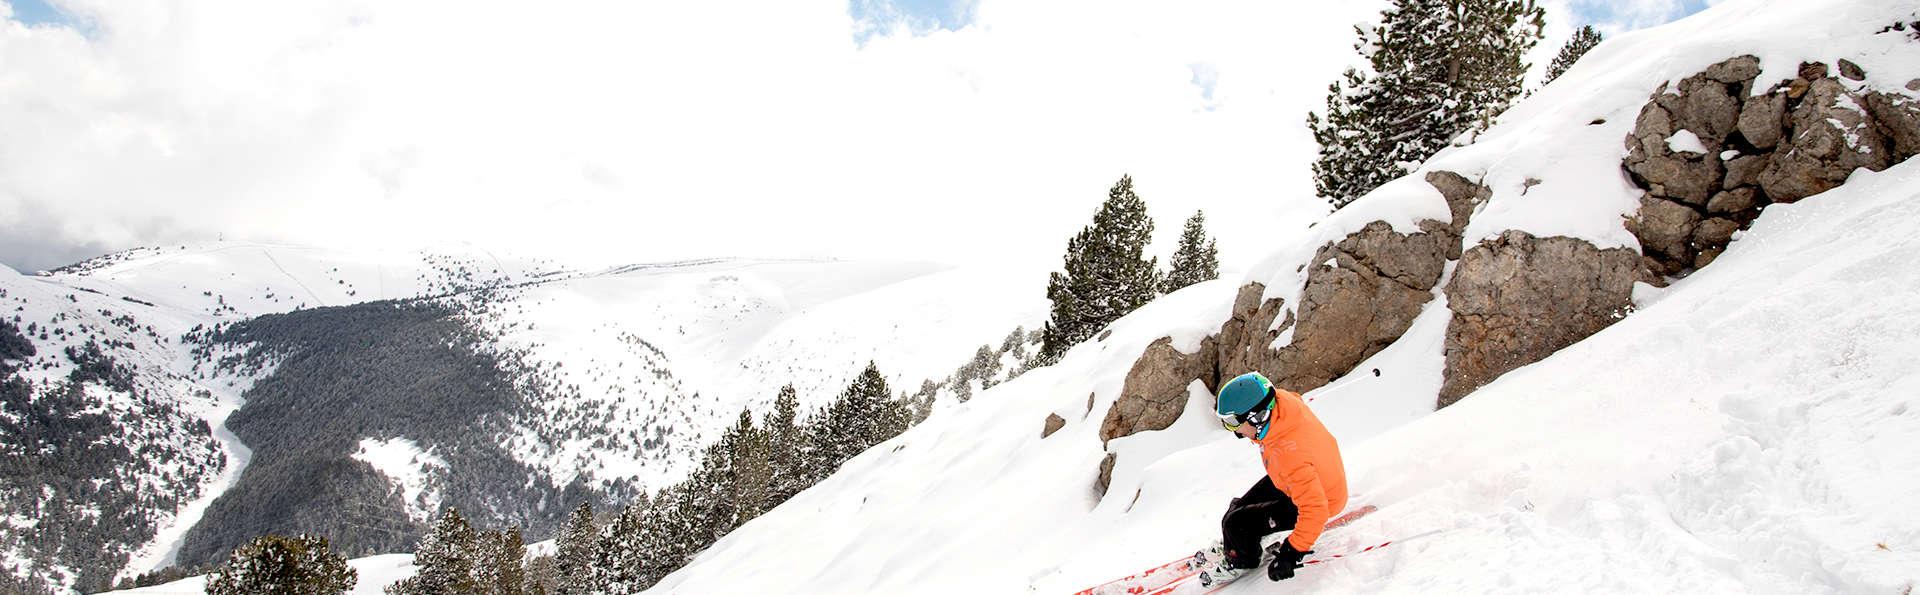 Relax y esquí con forfaits incluidos en La Molina